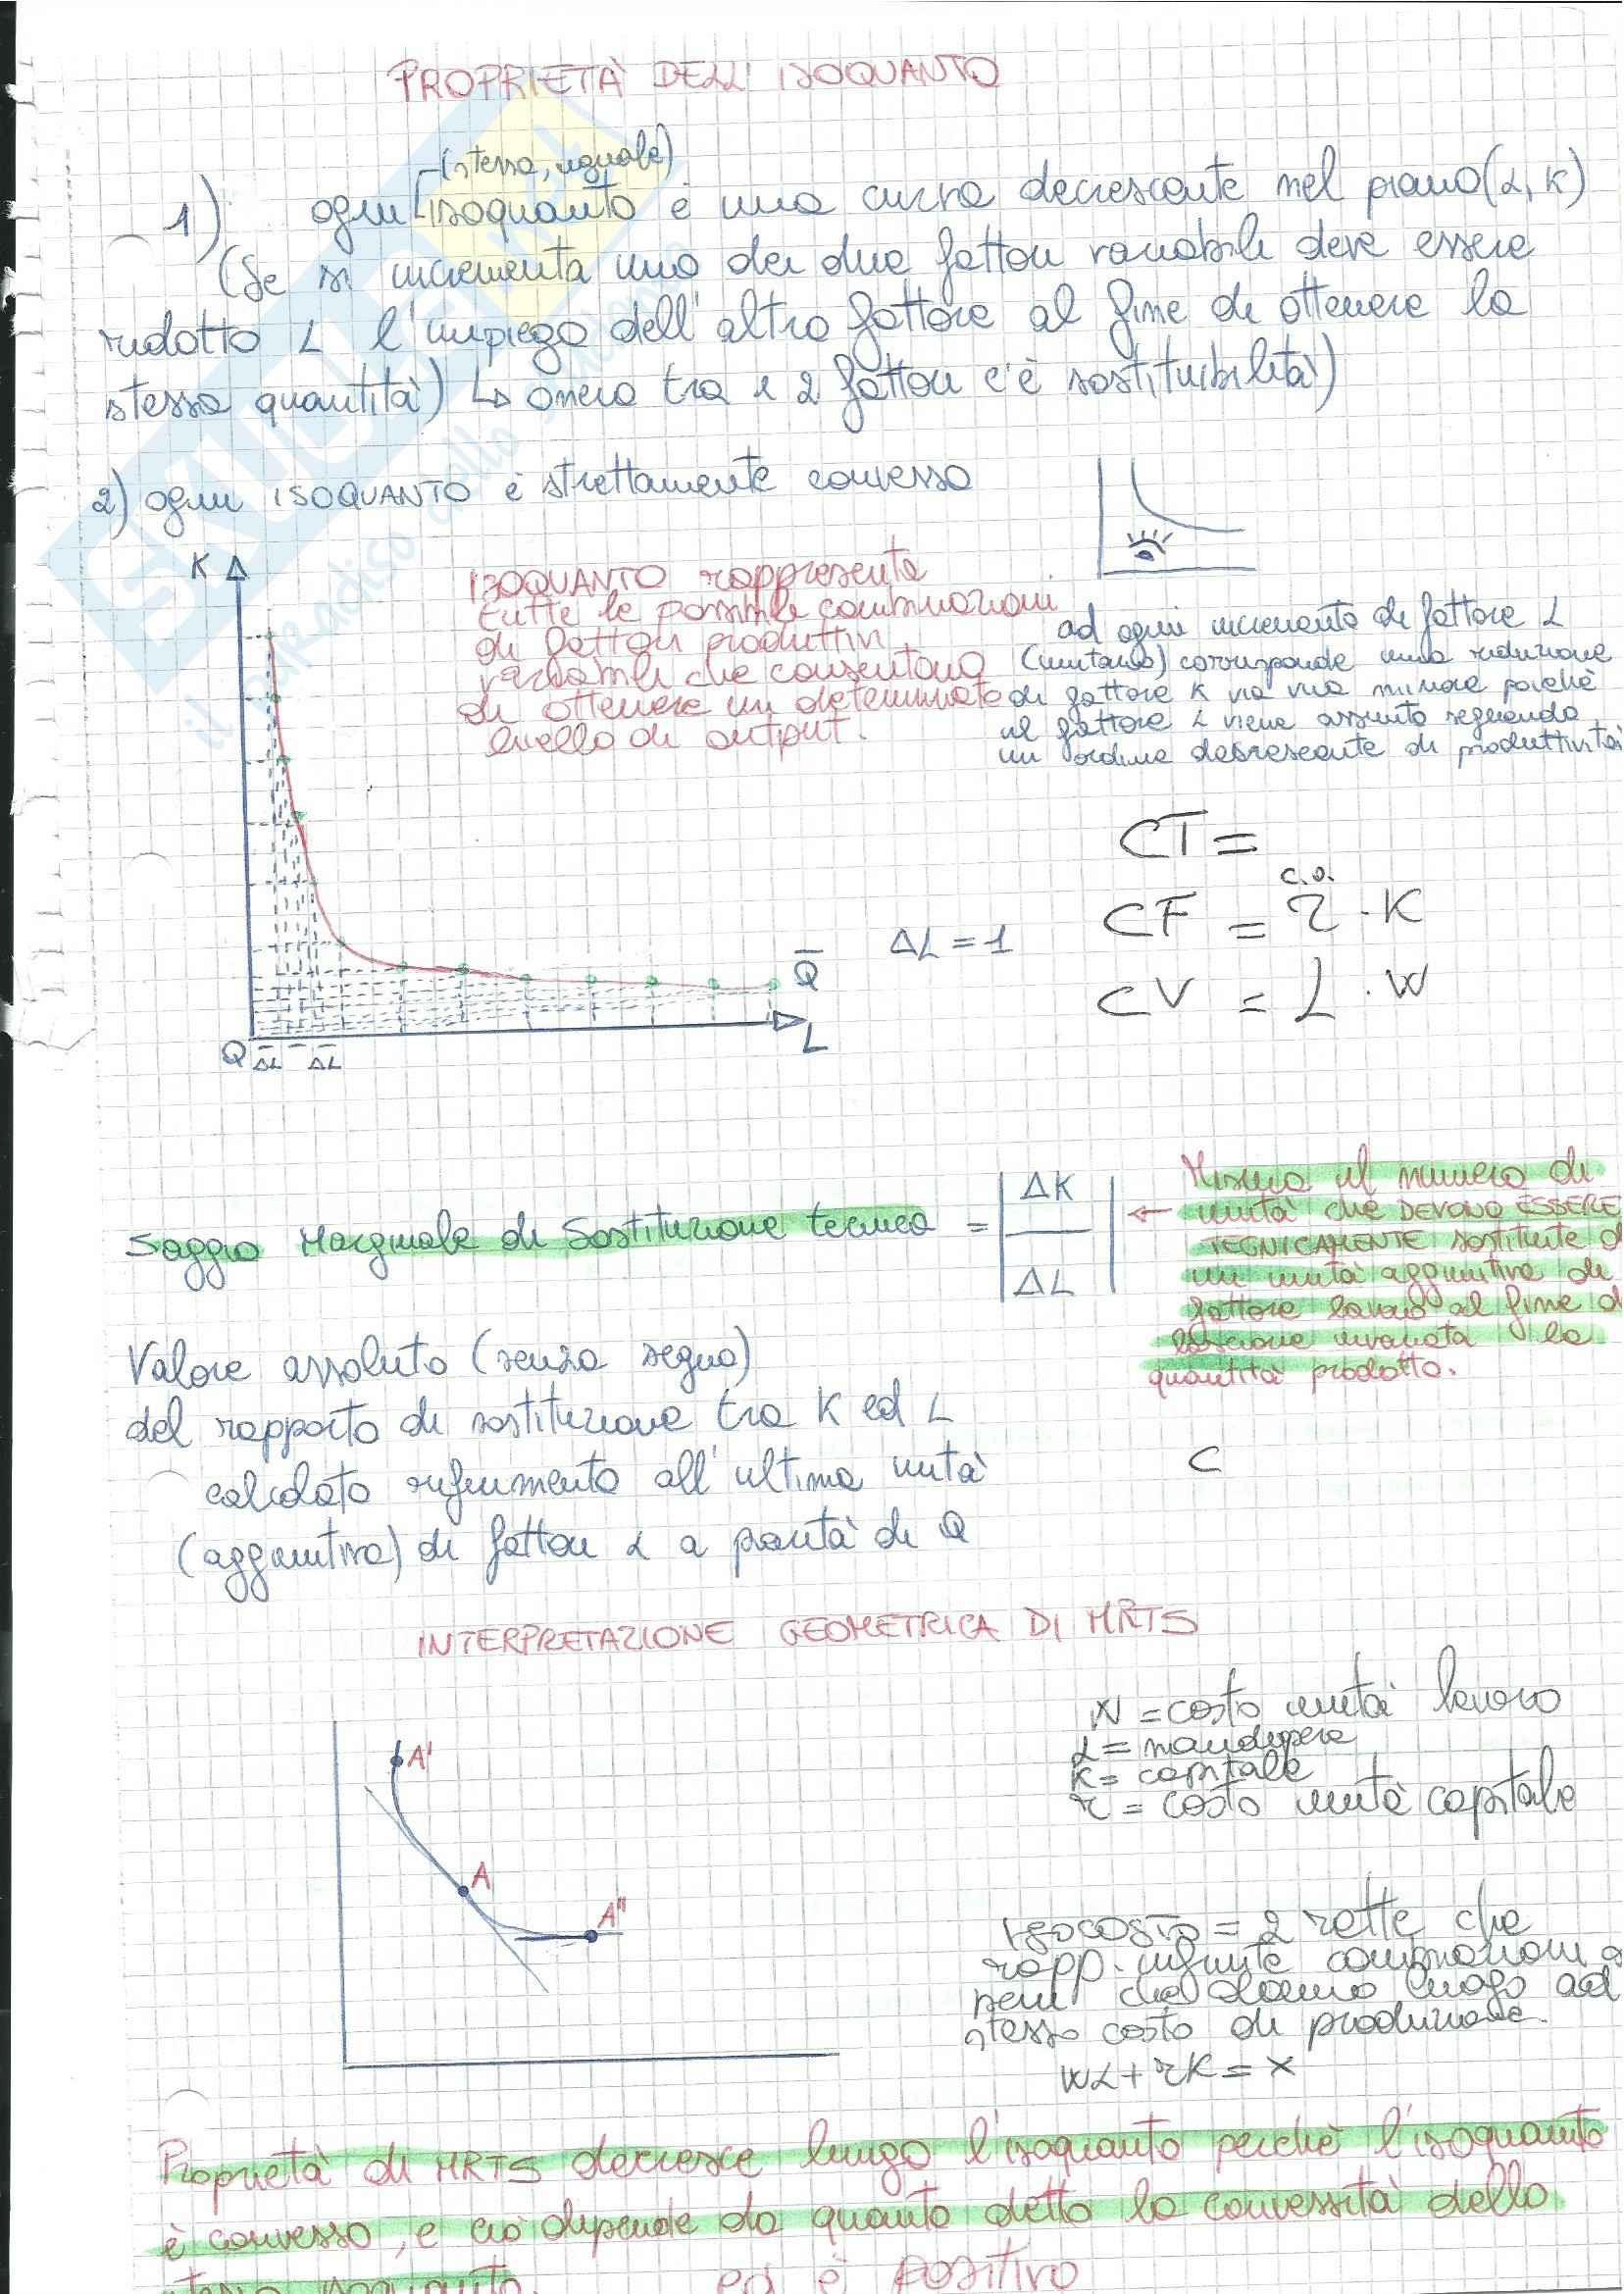 Microeconomia - Appunti del corso completo